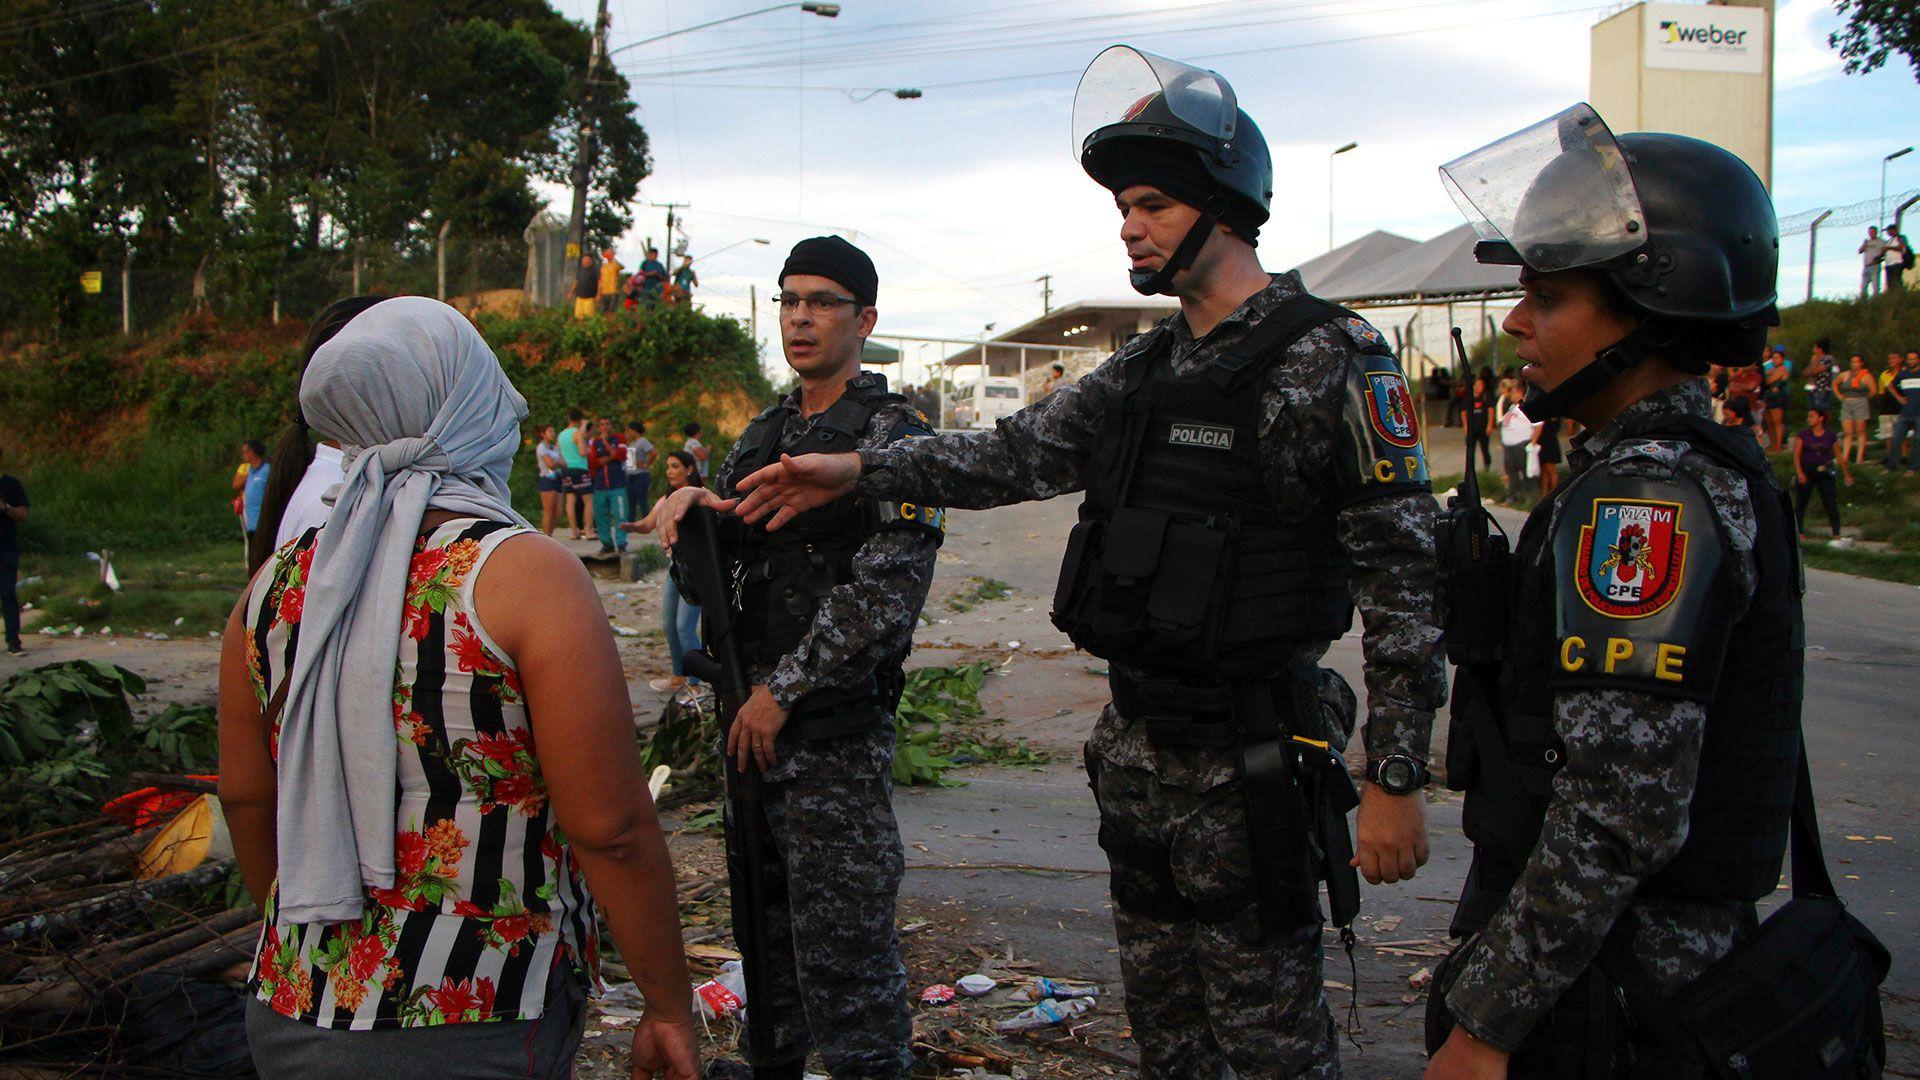 Al menos 57 personas murieron en cuatro cárceles de Amazonas entre el domingo y lunes (AP)